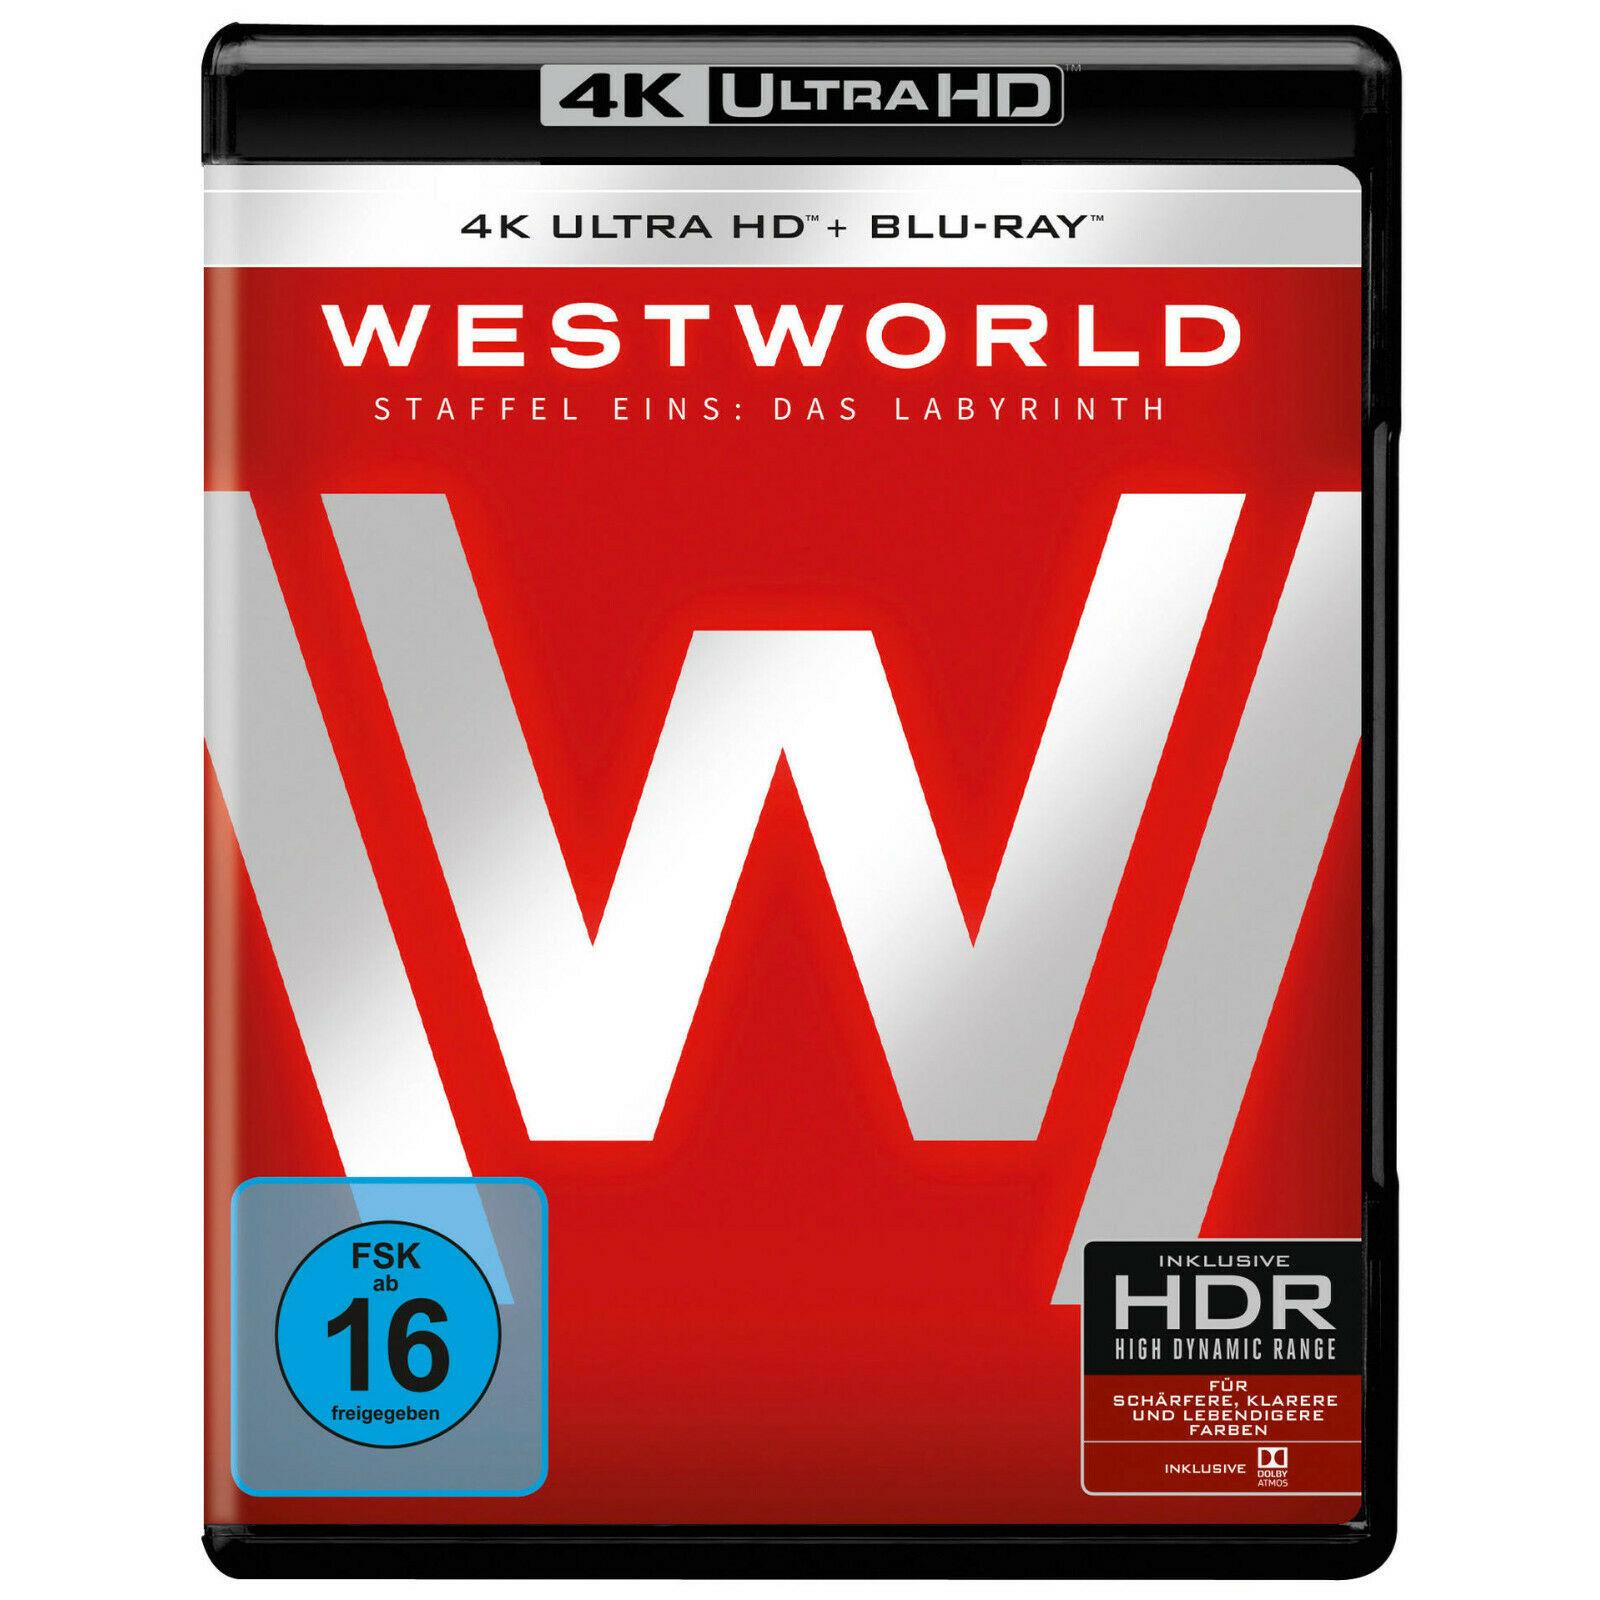 Westworld - Staffel Eins: Das Labyrinth 4K (4K UHD + Blu-ray) für 24,97€ (Amazon Prime)